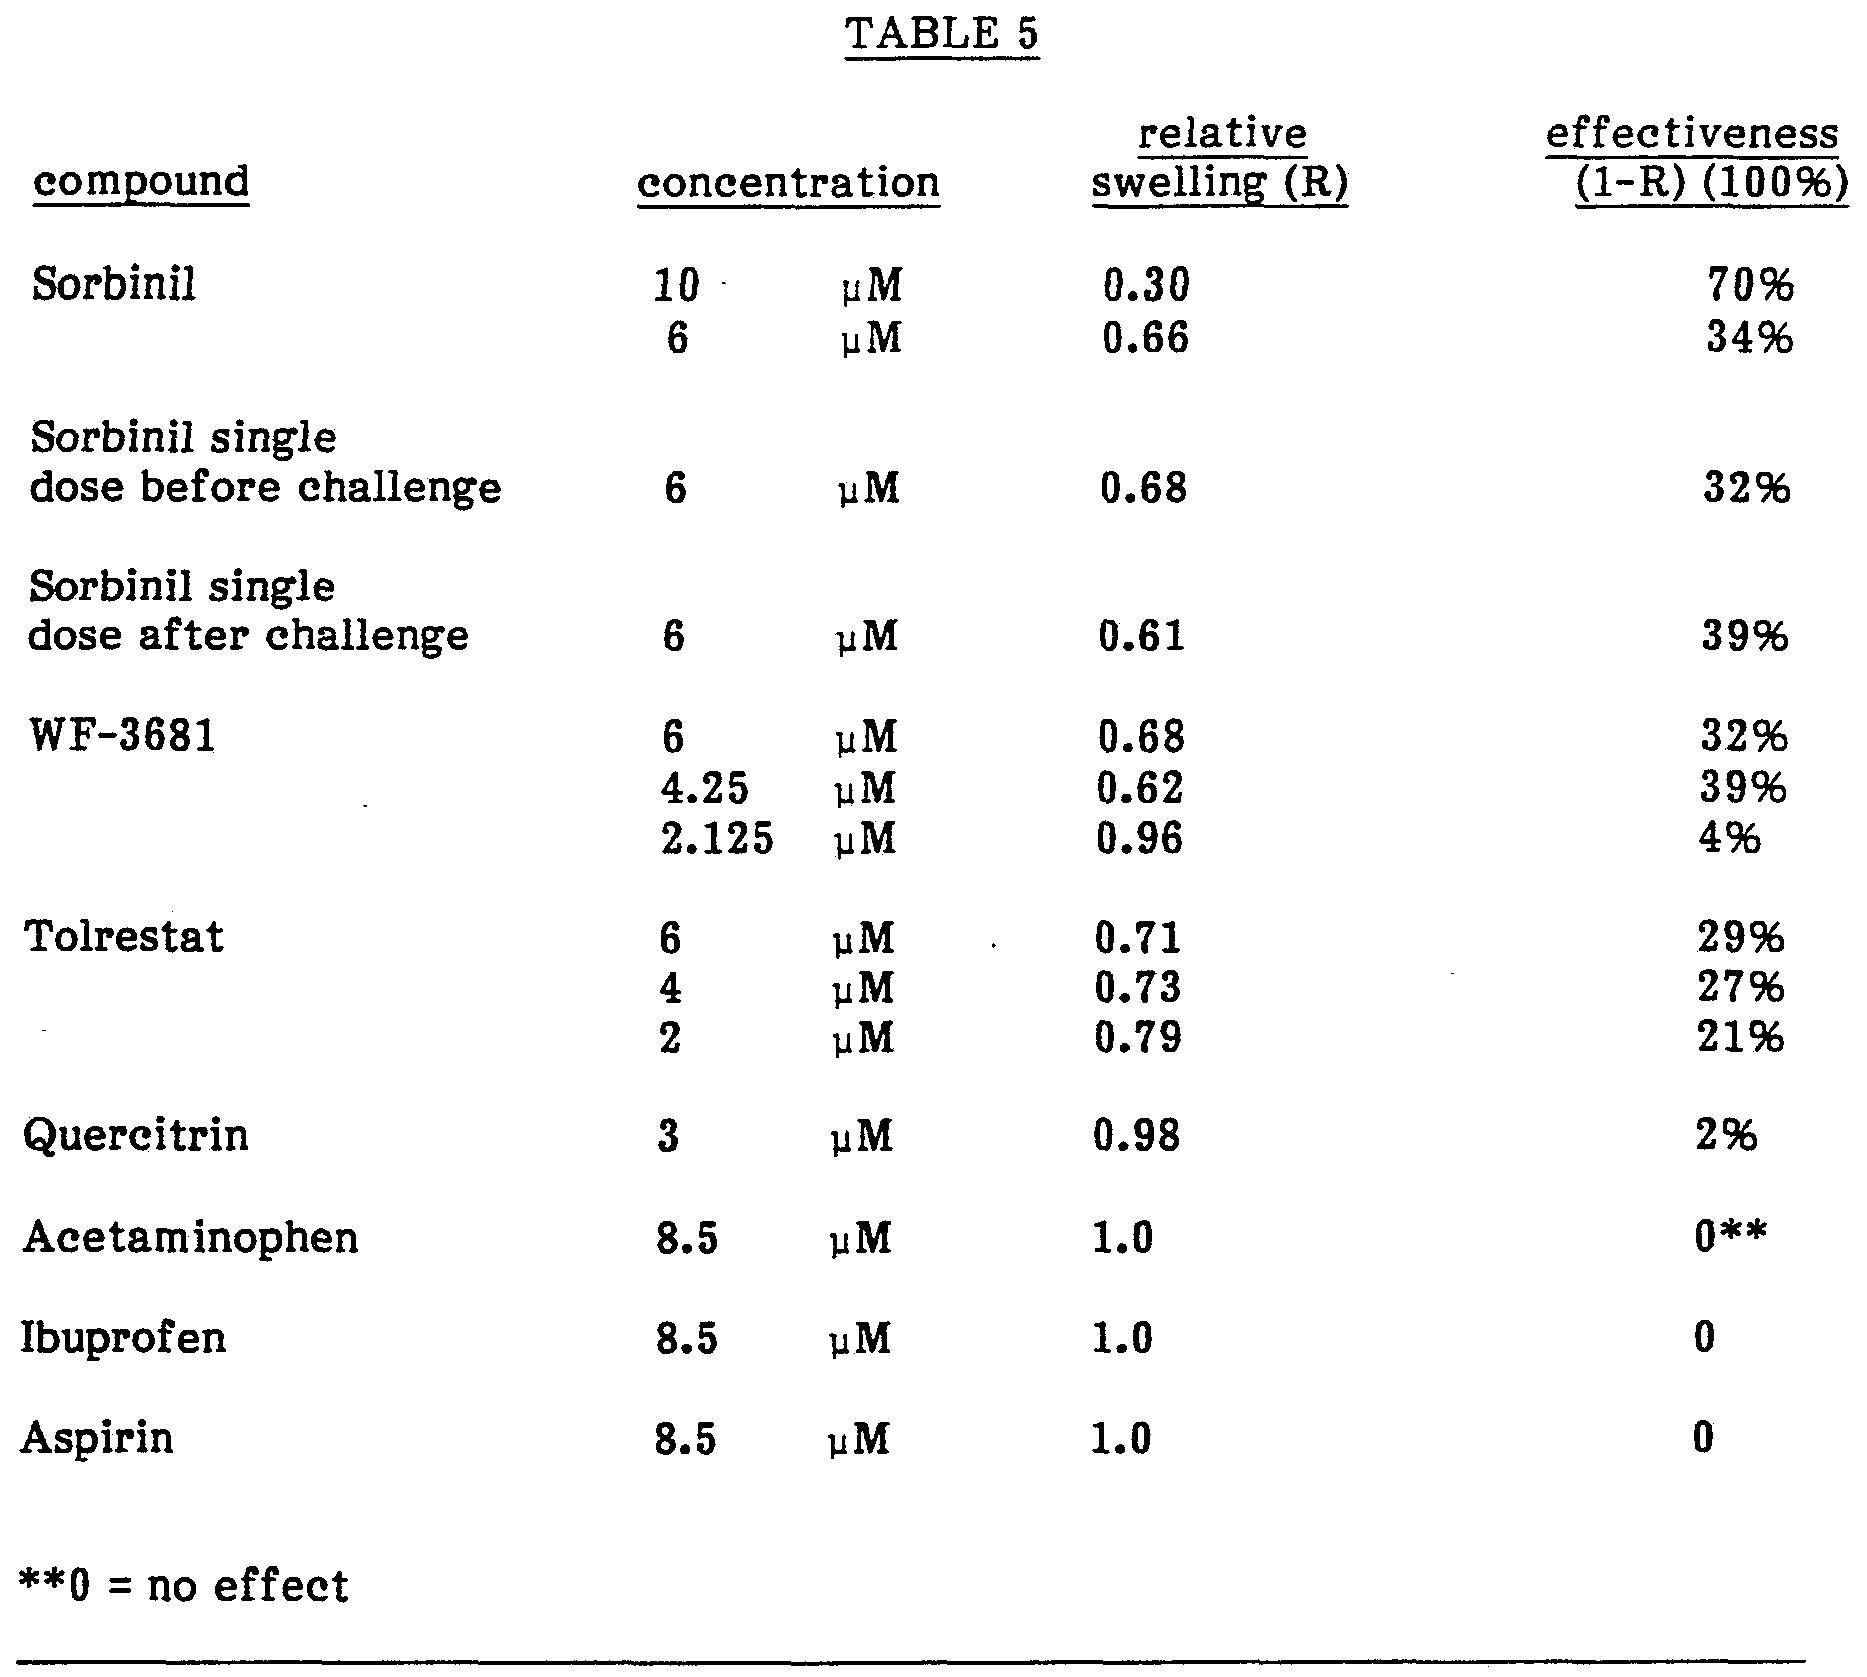 rf value of aspirin